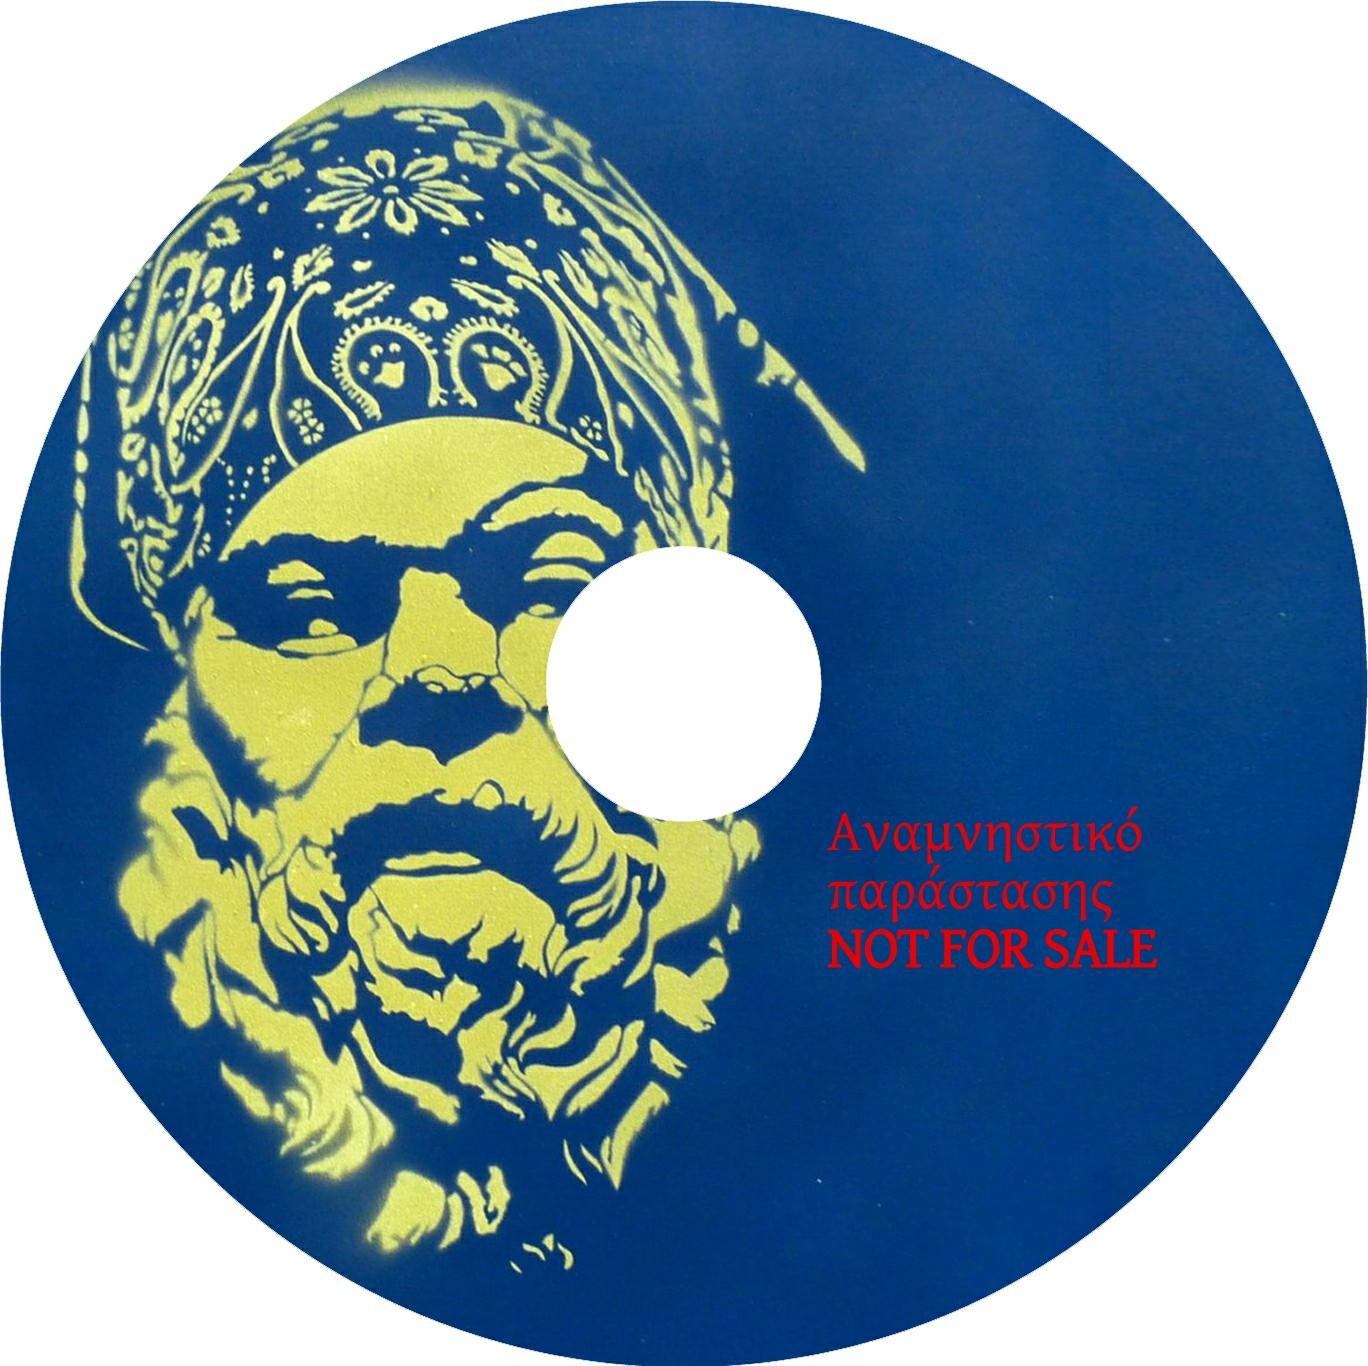 εκτύπωση αντιγραφή cd